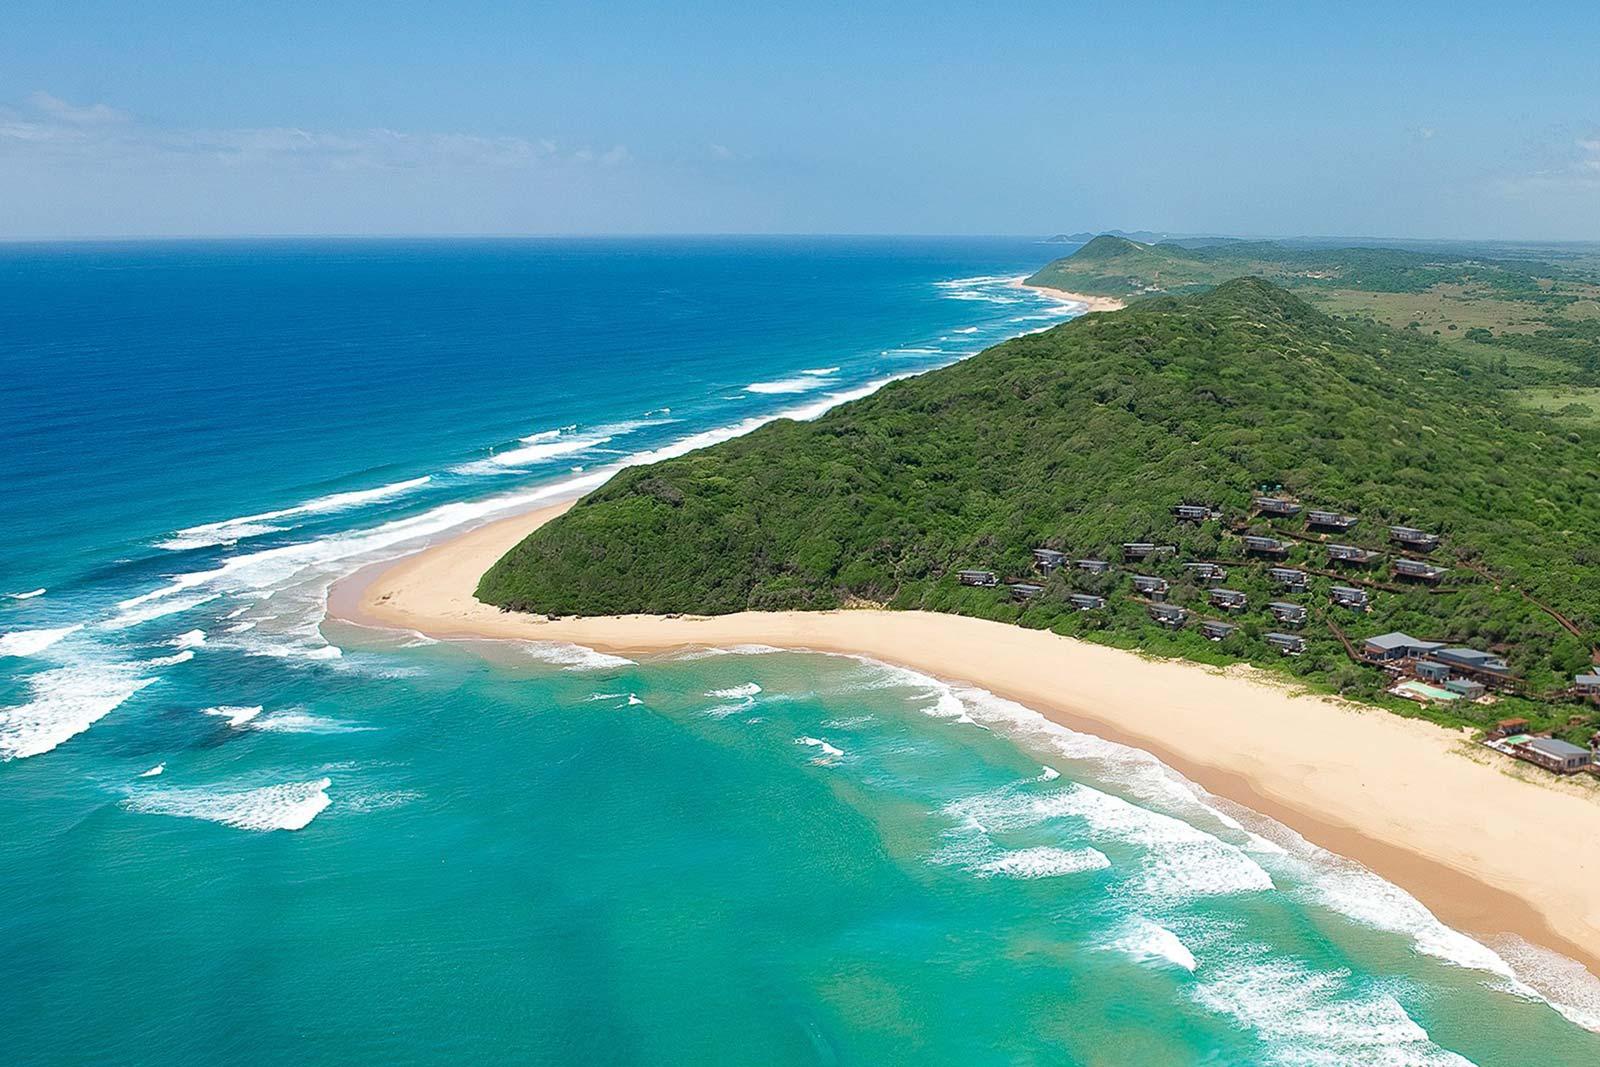 Luftaufnahme vom Strand in Ponta do Ouro